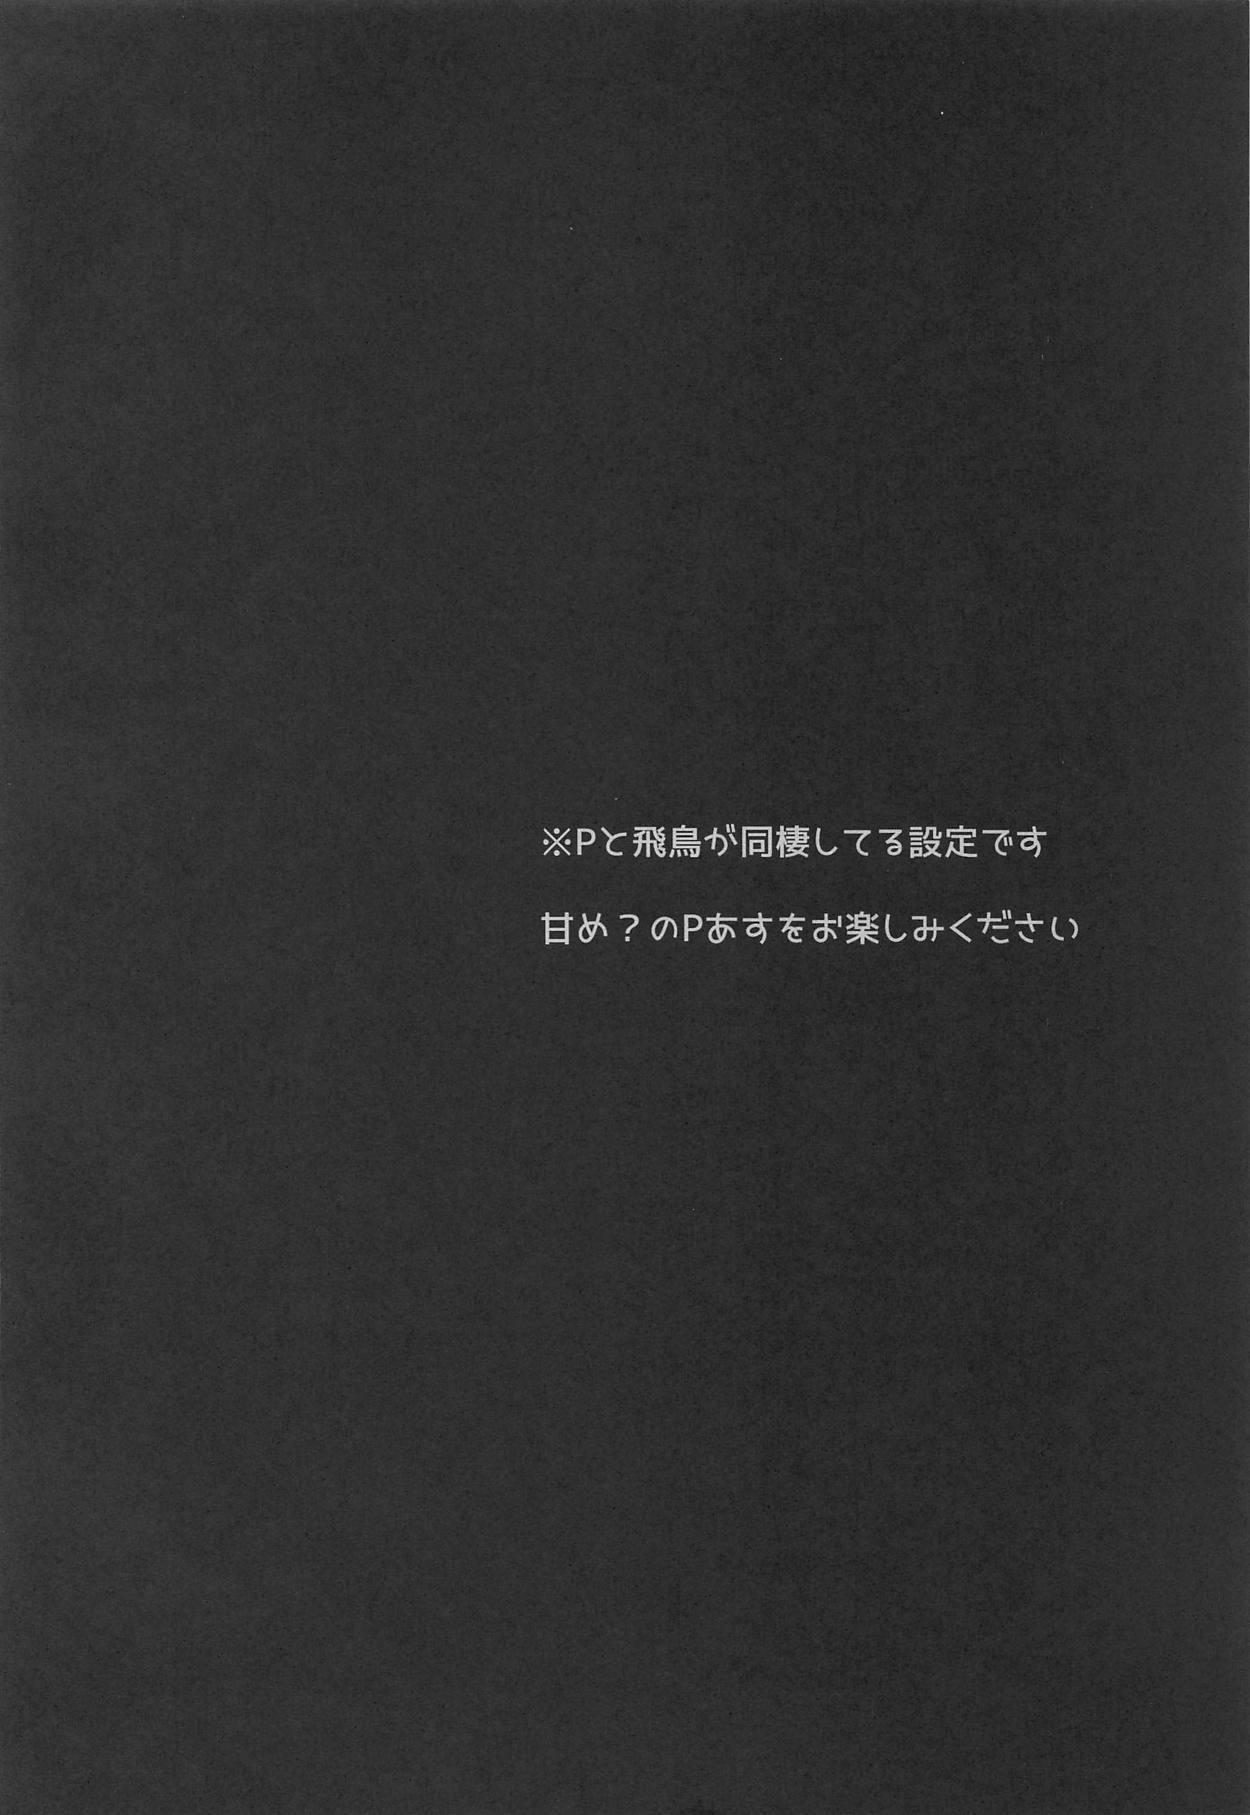 Shiri x Asu Kairakuron 2